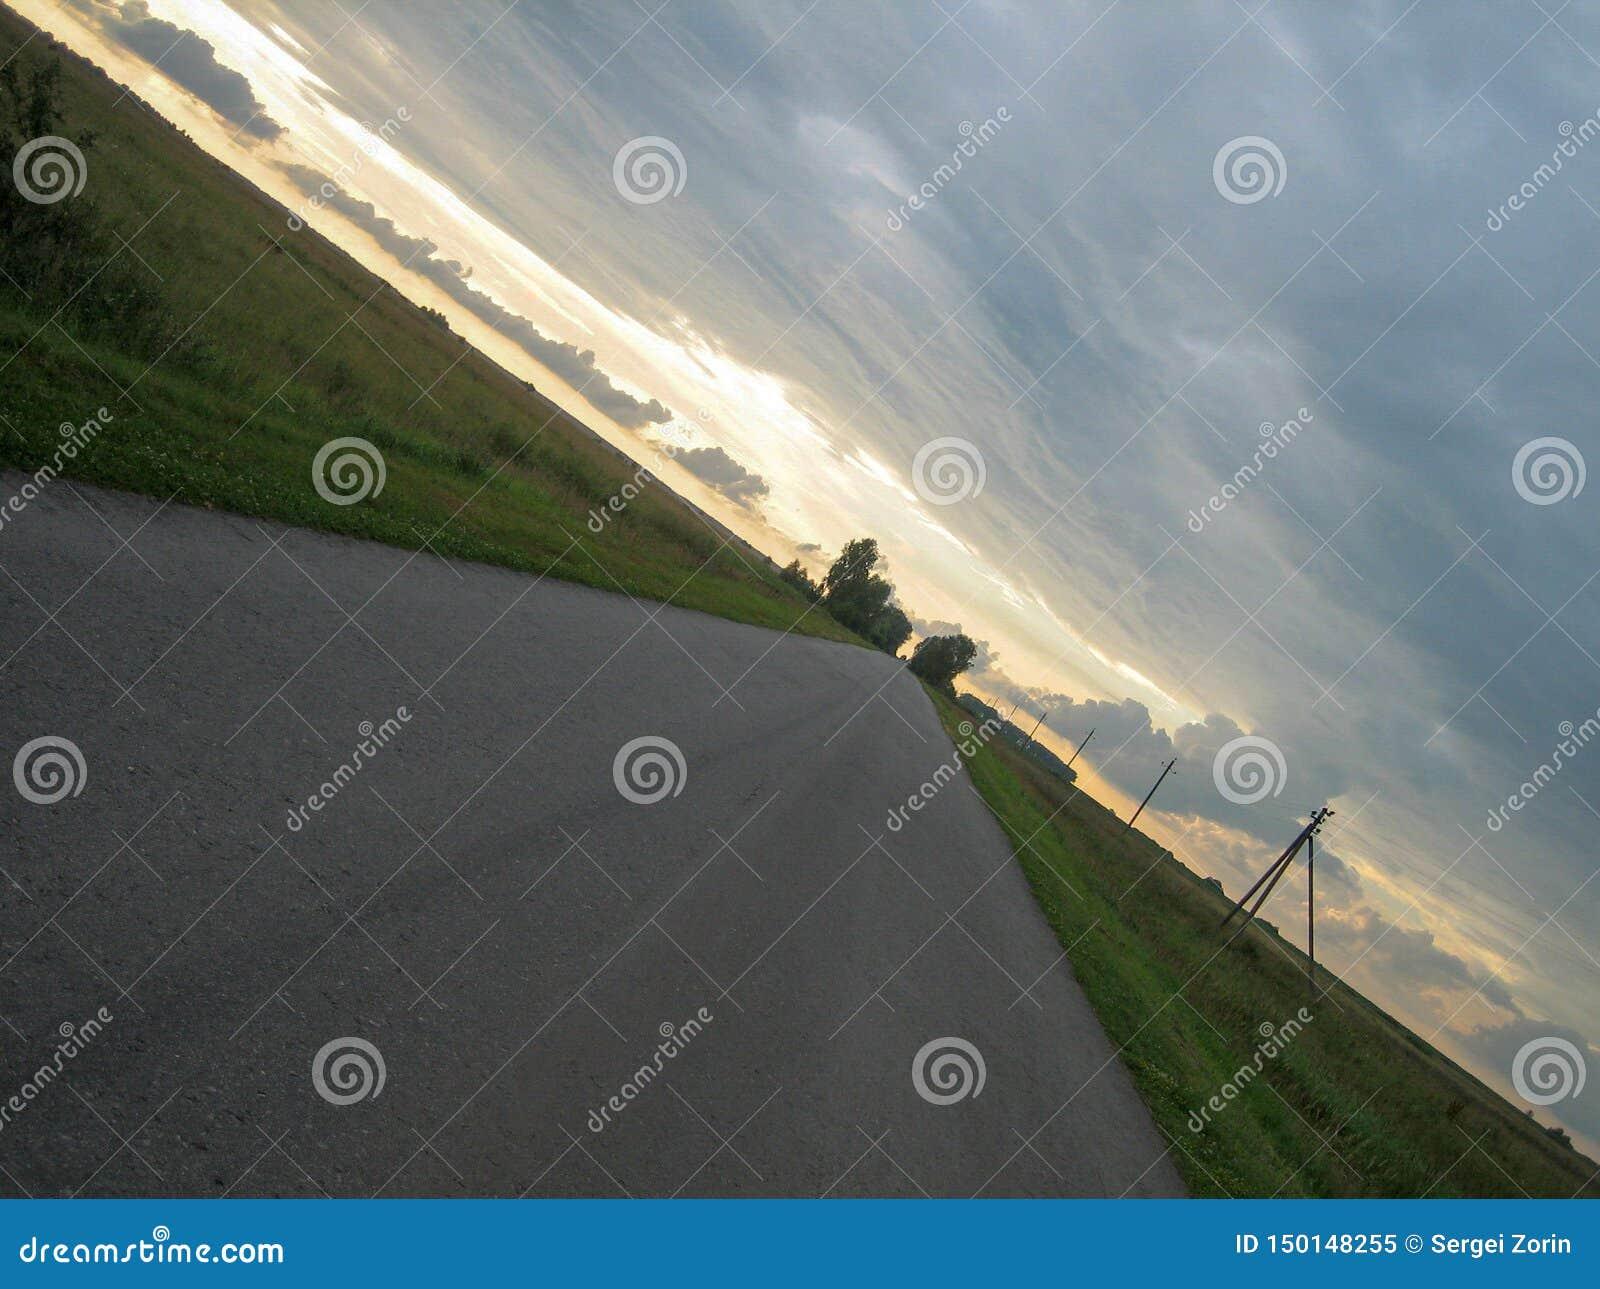 Slät rak asfaltväg i bygden under himlen med moln på solnedgången